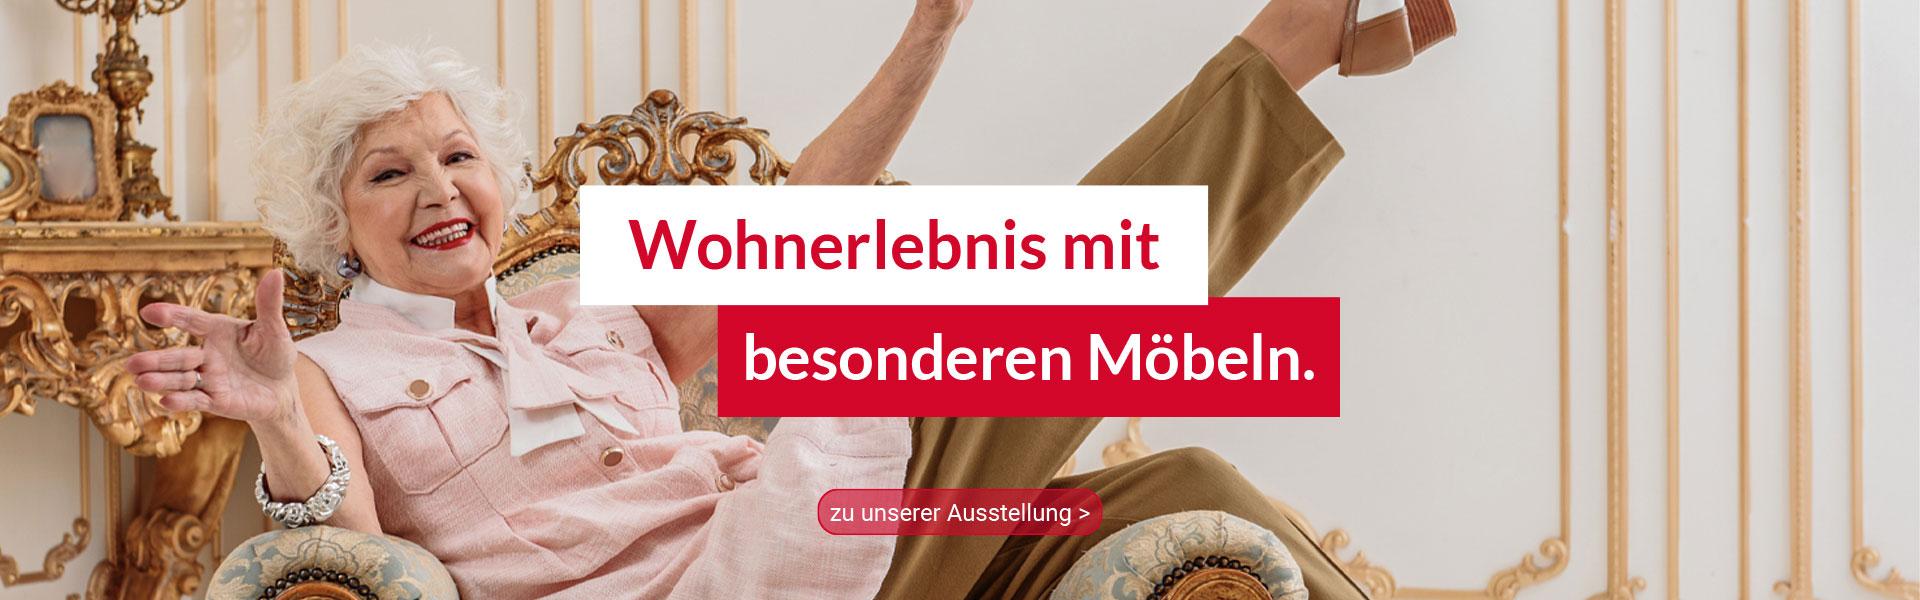 Wohnerlebnis mit besonderen Möbeln – ältere Dame sitzt vergnügt quer in ihrem gemütlichen Fernsehsessel